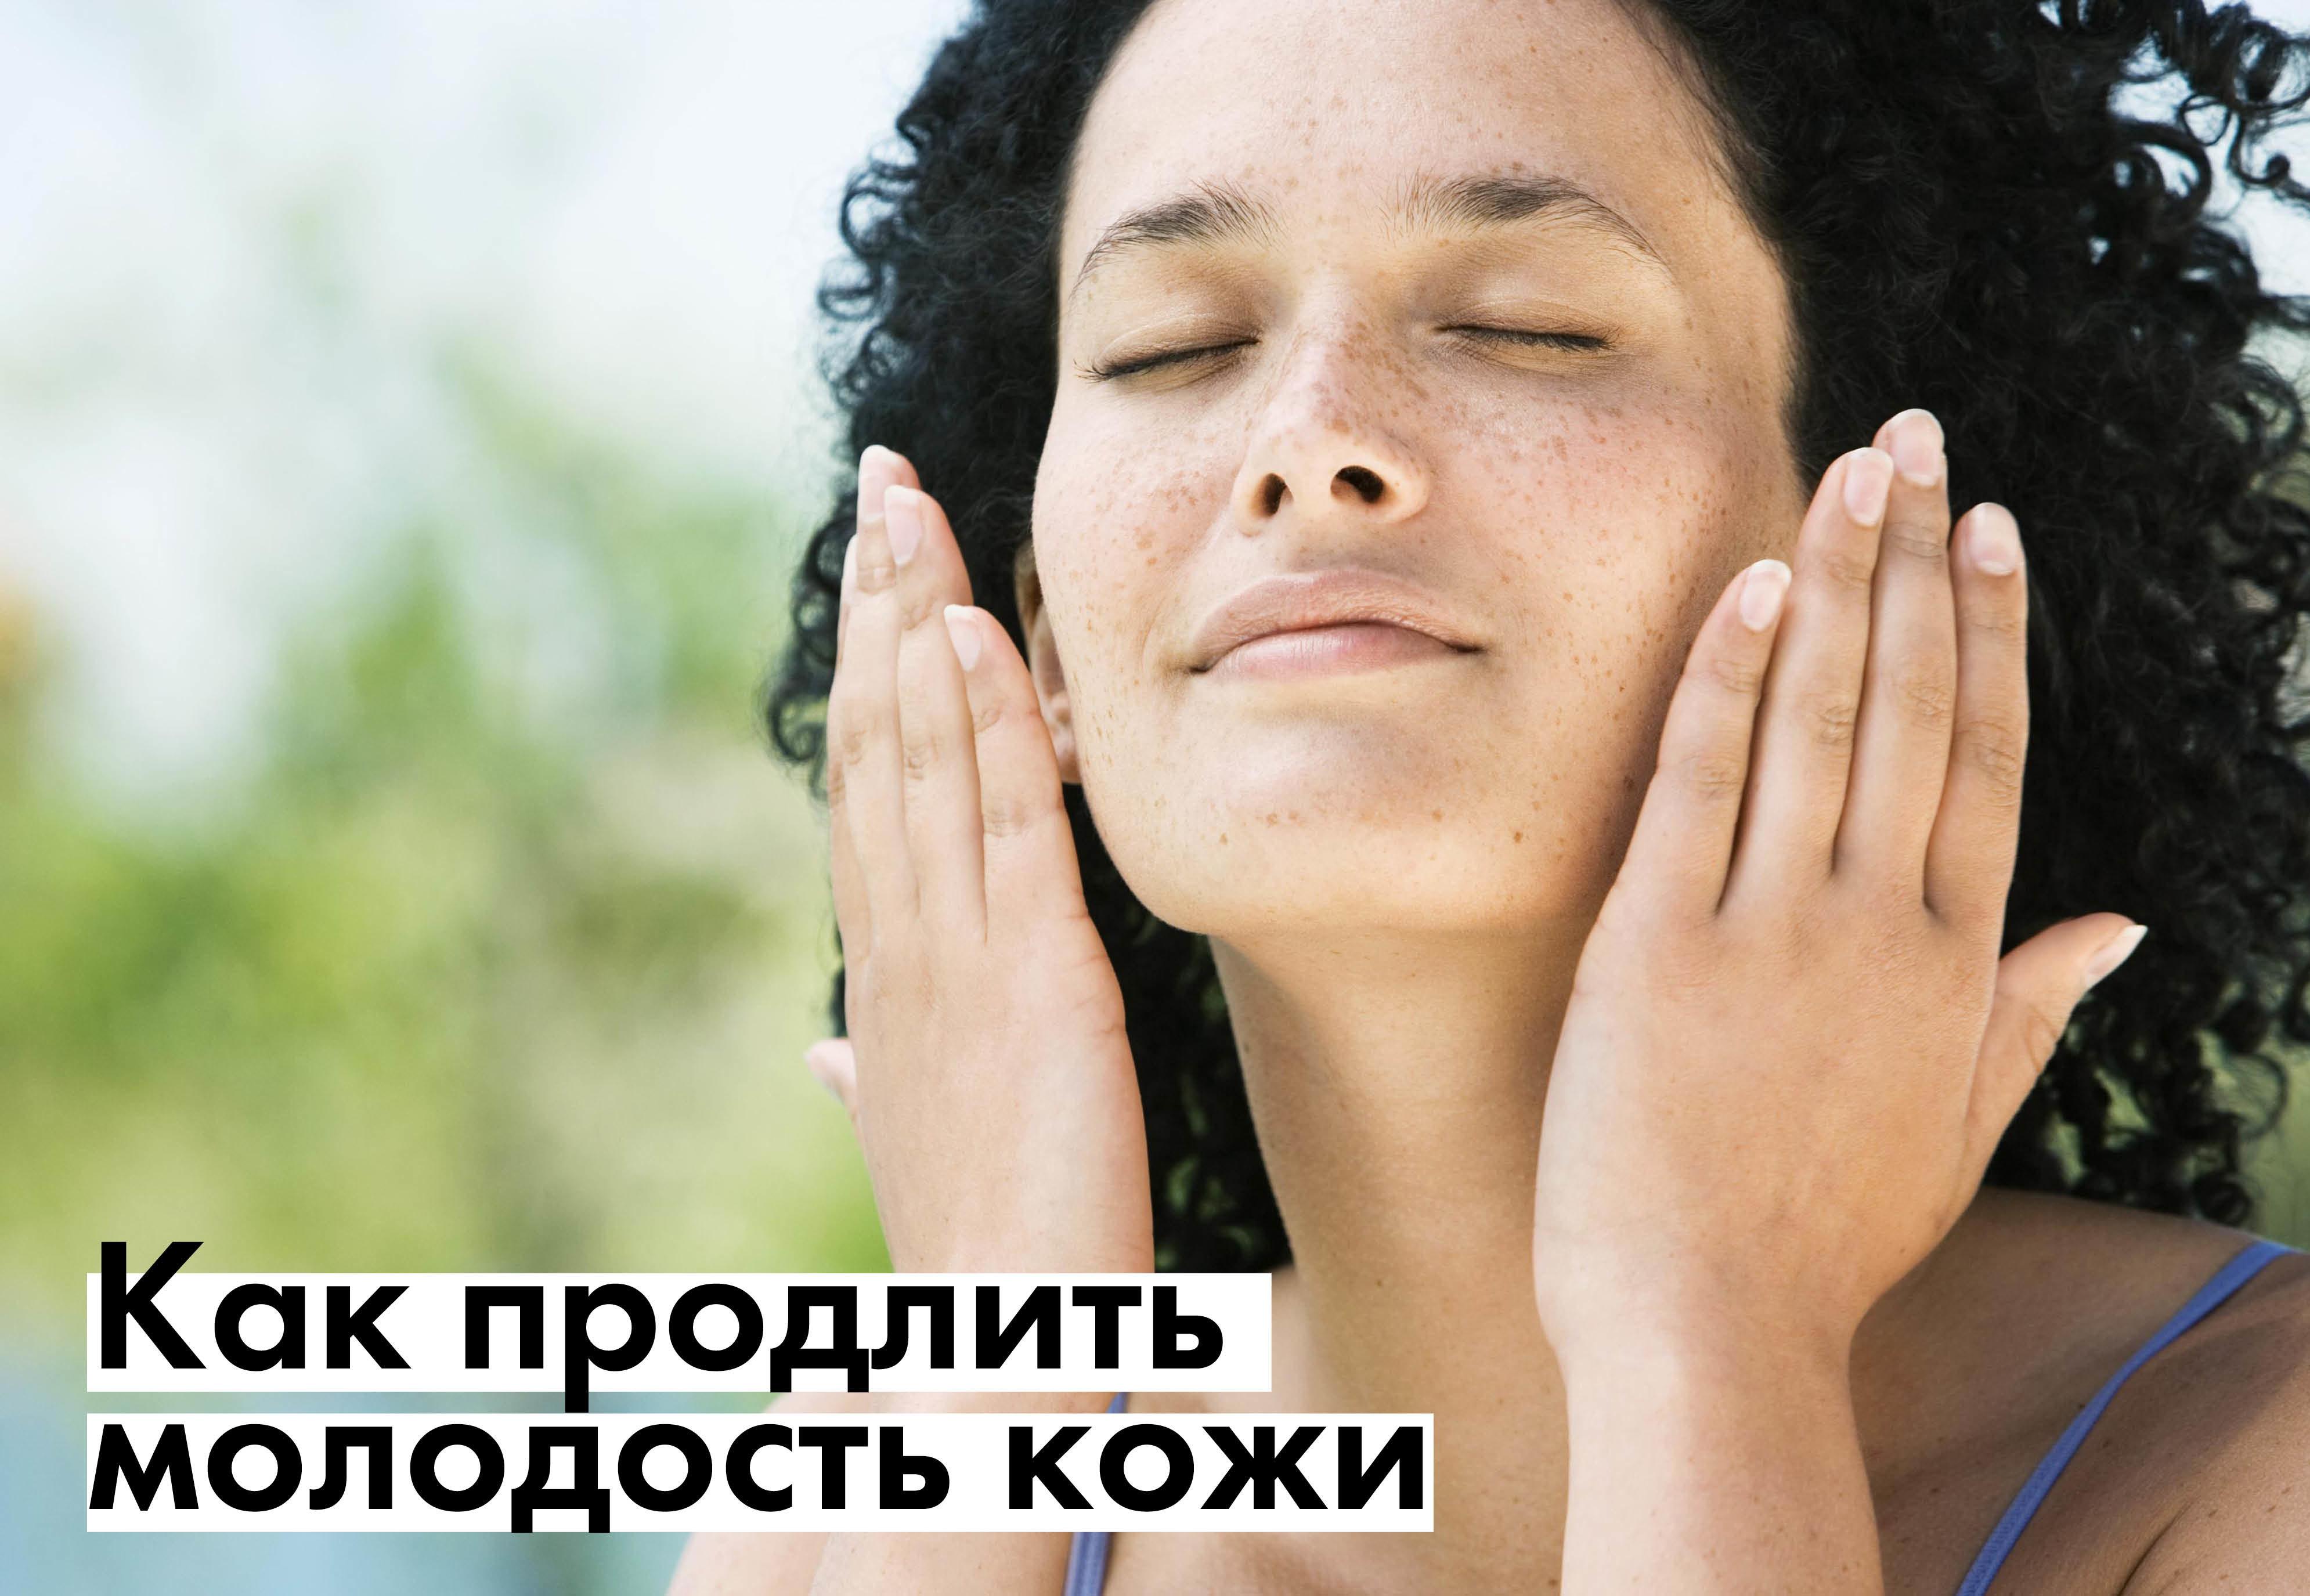 Картинки по запросу Продукты вместо косметики: что есть, чтобы кожа была красивой и гладкой